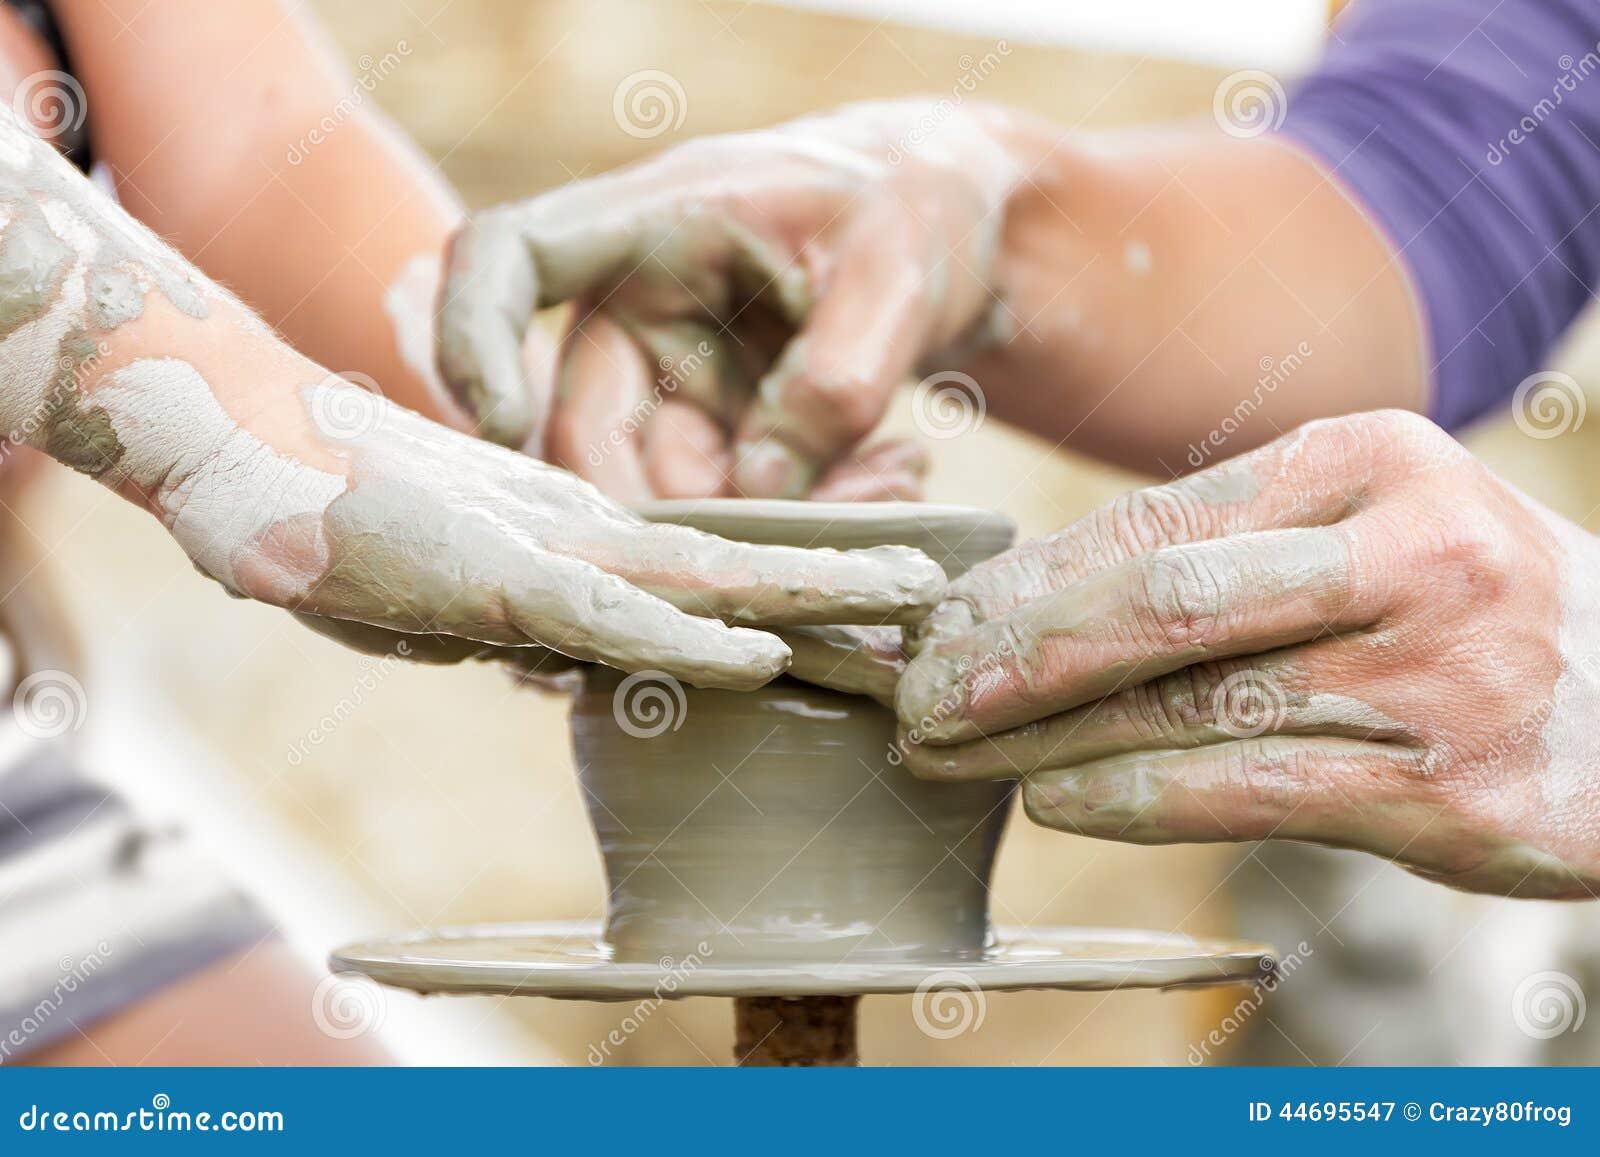 enfant apprenant comment faire un pot vieux potier h image stock image du people pi ce 44695547. Black Bedroom Furniture Sets. Home Design Ideas